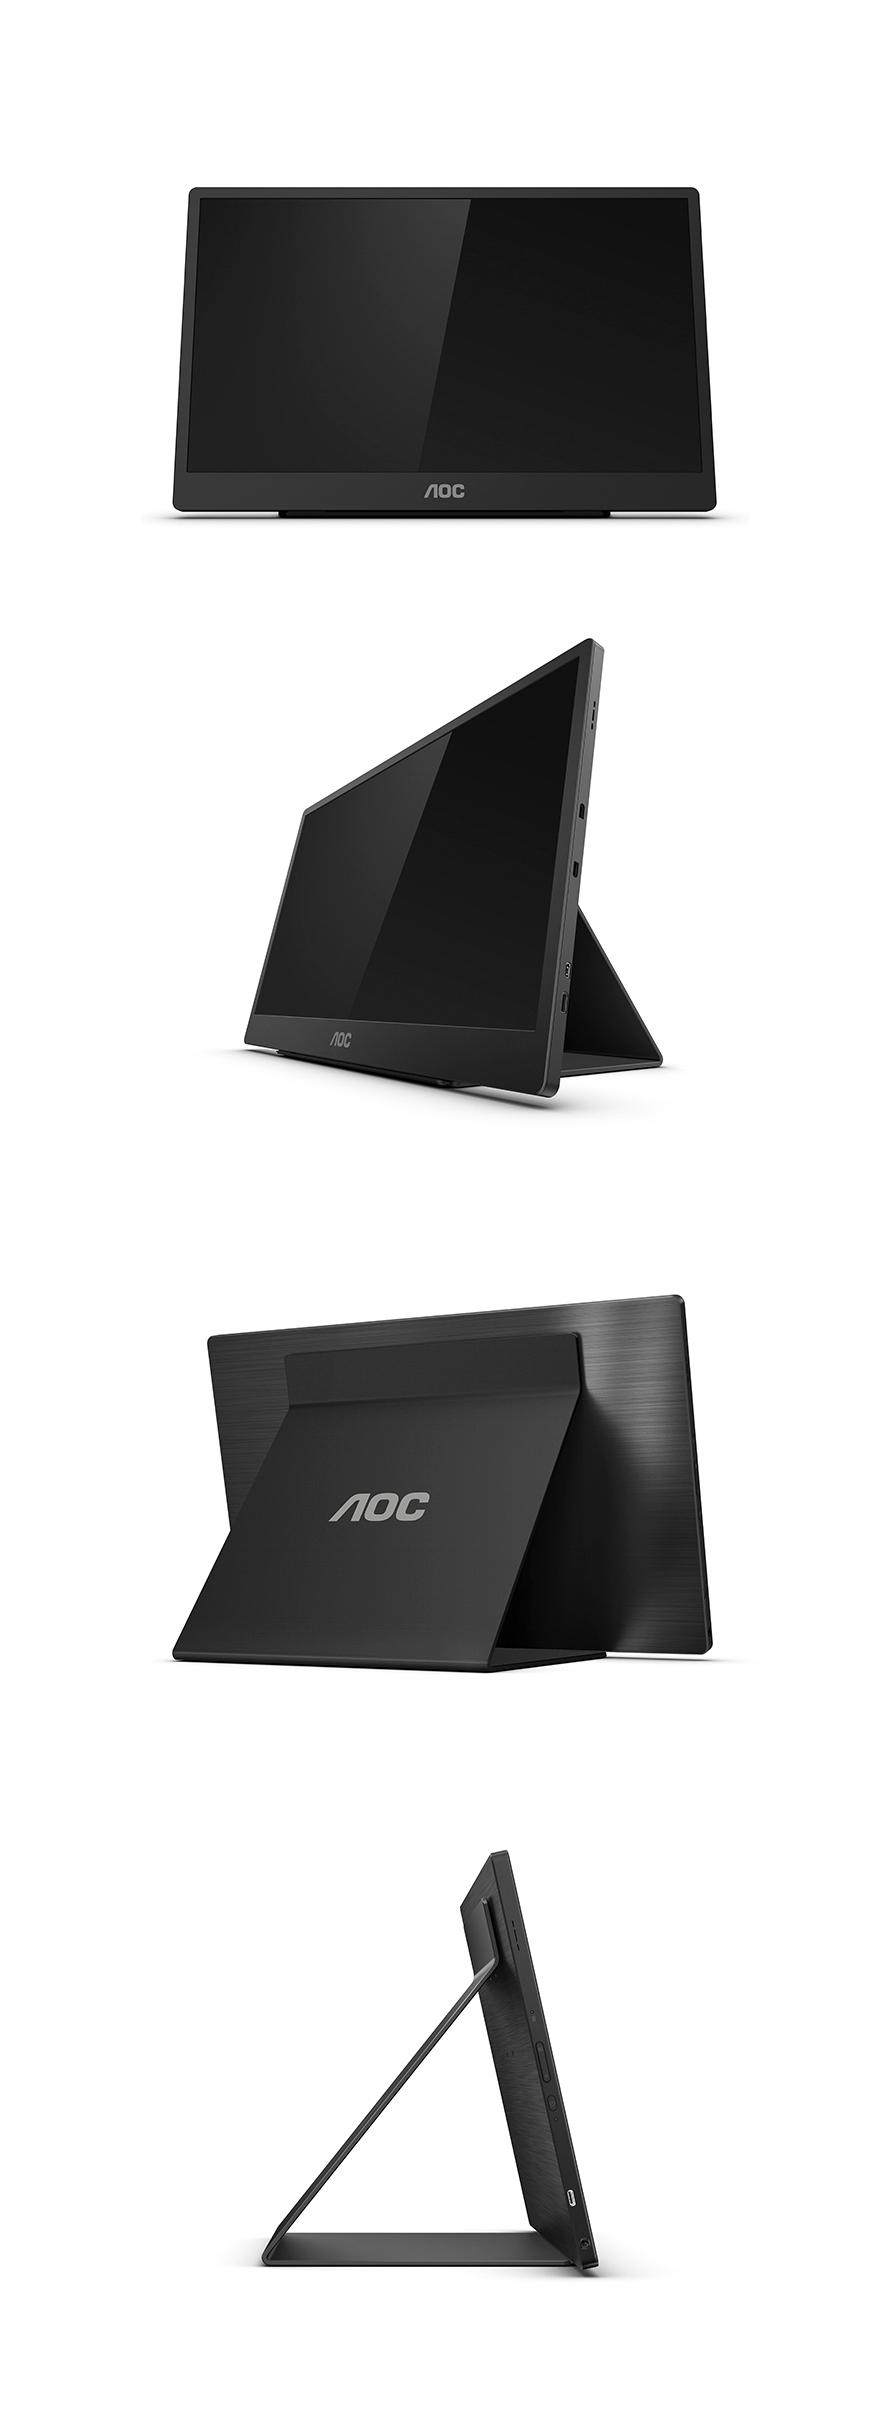 알파스캔 AOC 16T2 USB-C 멀티터치 포터블 무결점